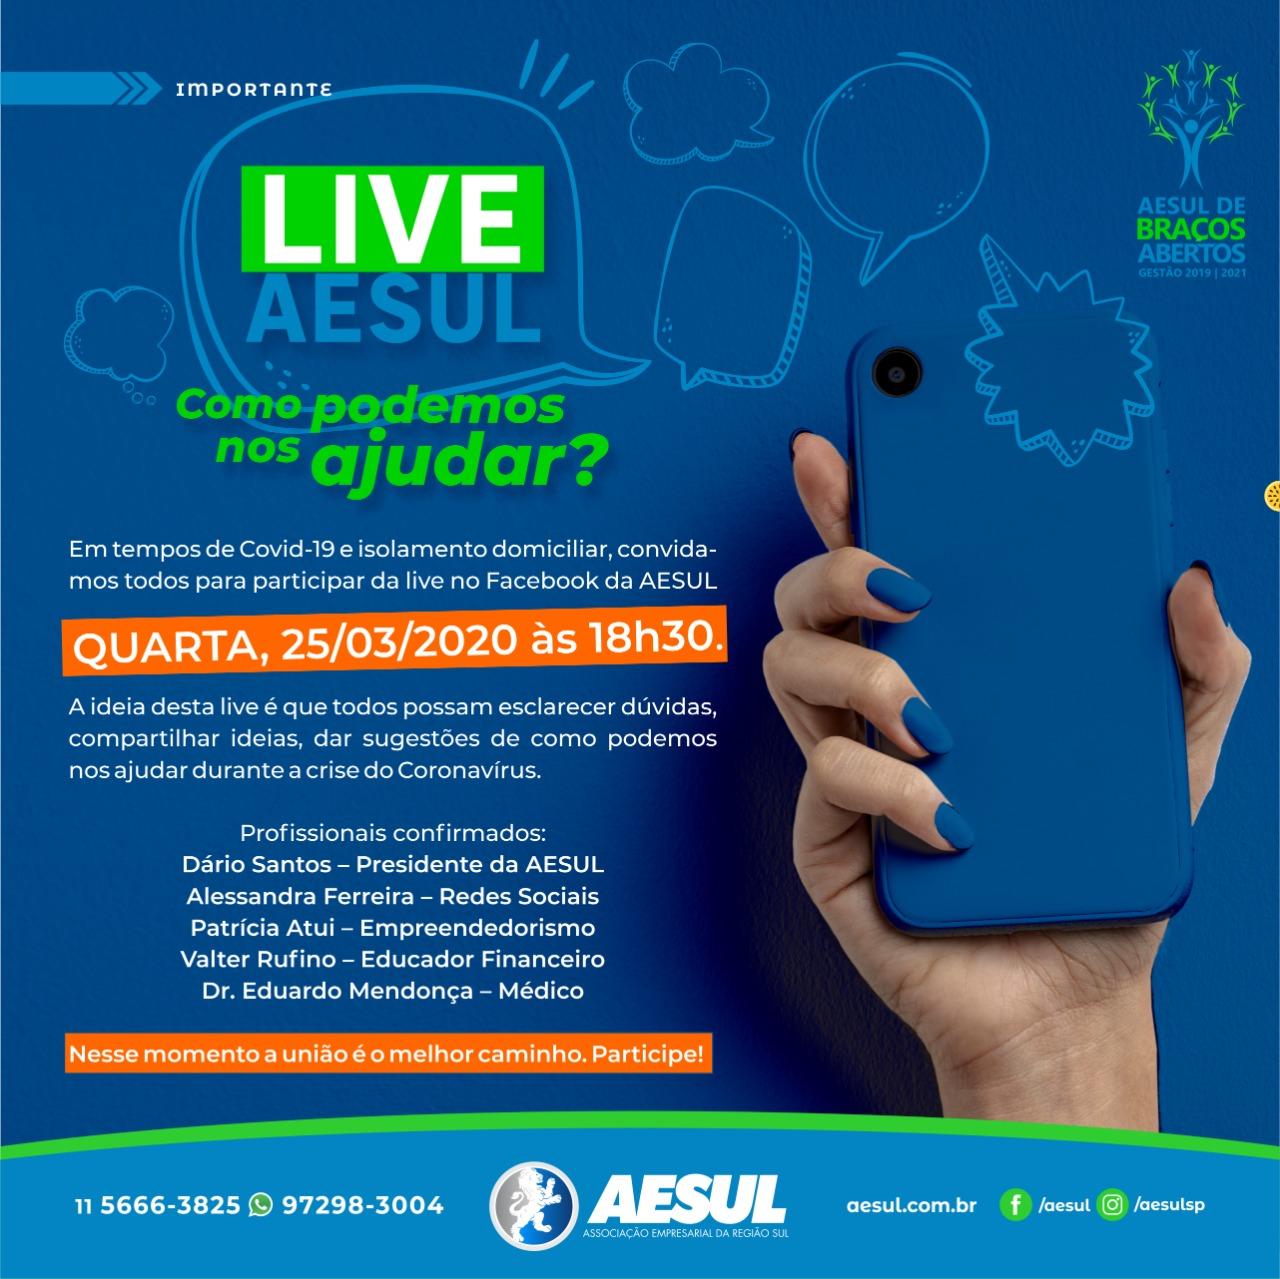 Live AESUL – Como podemos nos ajudar?